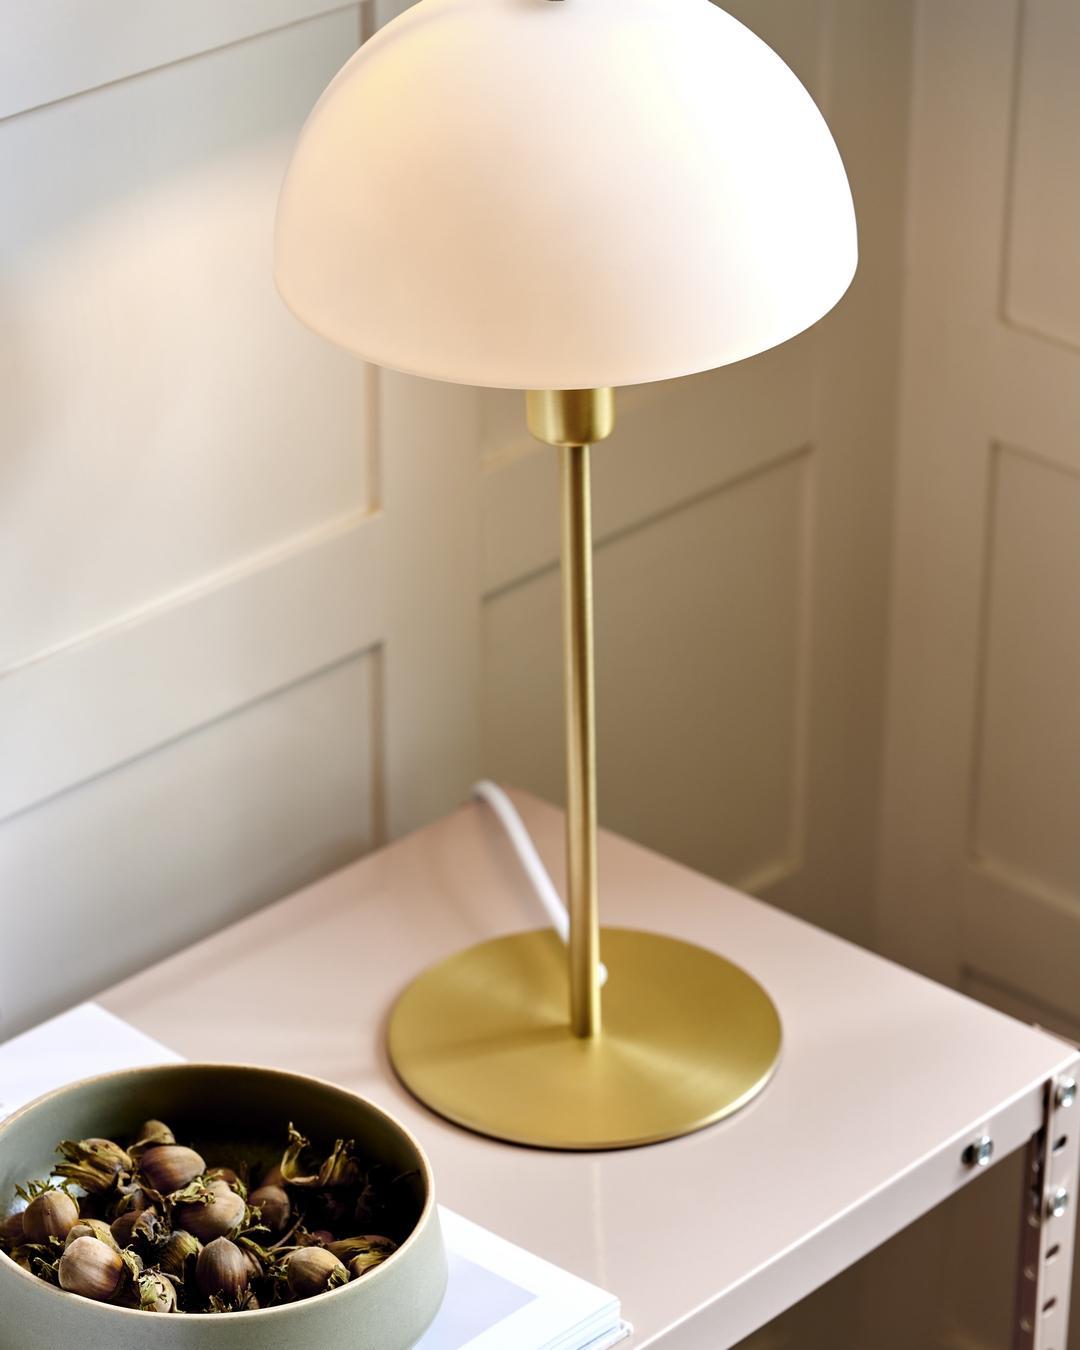 Mosadz je elegantný prvok v interiéri. Svietidlám dodáva nádych luxusu. - Obrázok č. 3